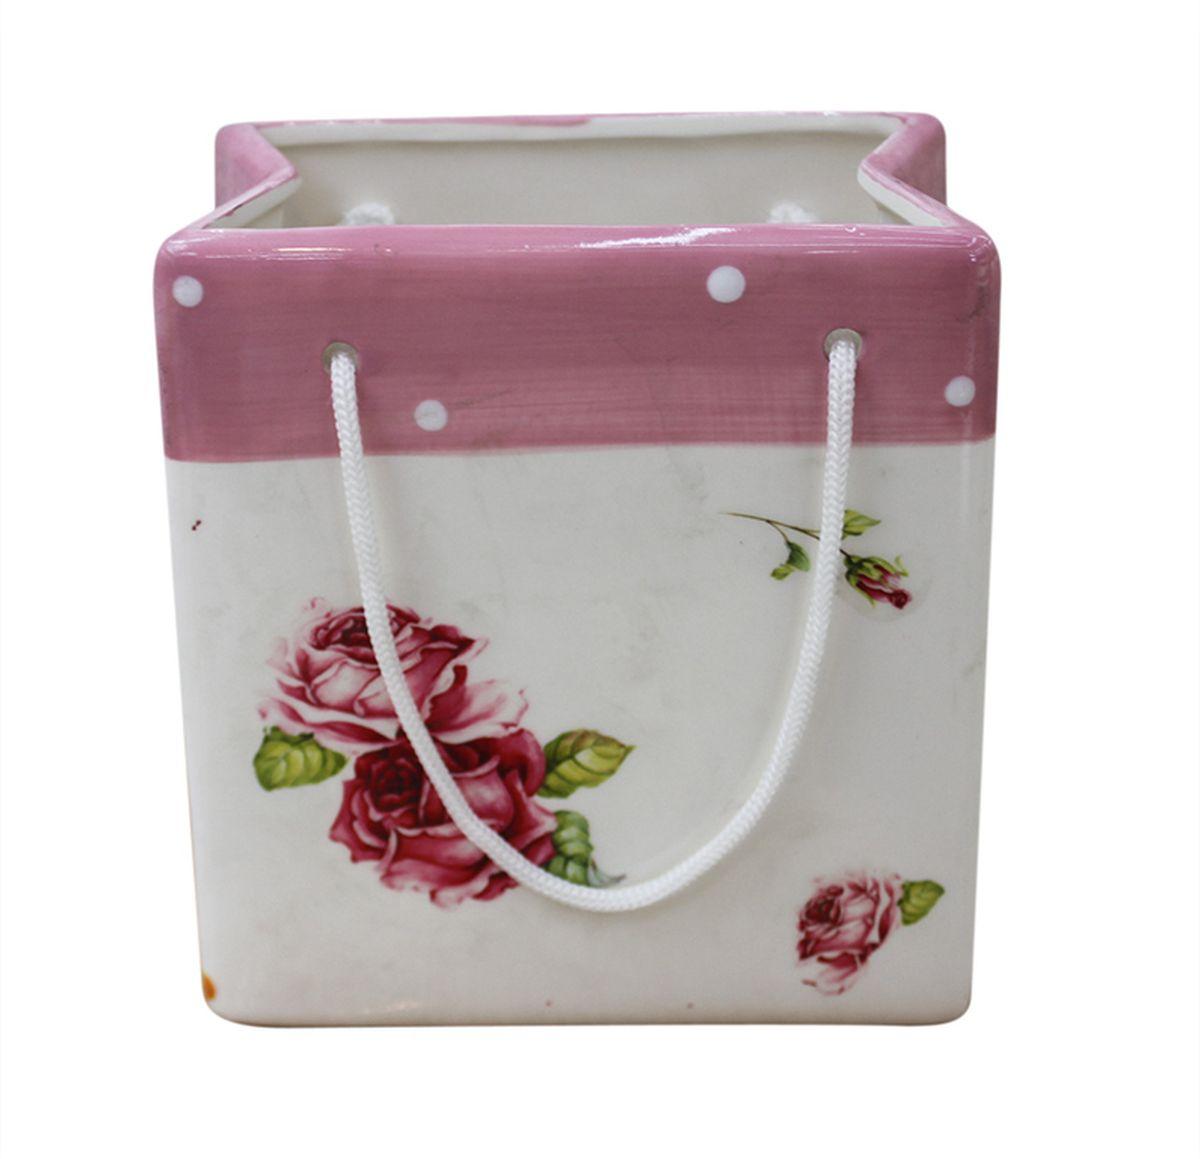 Ваза N/A Пакетик, высота 8,5 смYX12BG38-3RAЭлегантная ваза N/A Пакетик, изготовленная из керамики, выполнена в виде подарочного пакетика с ручками. Такое оформление делает ее изящным украшением интерьера. Ваза N/A Пакетик дополнит интерьер офиса или дома и станет желанным и стильным подарком. Размер вазы: 8 х 5,5 х 8,5 см.